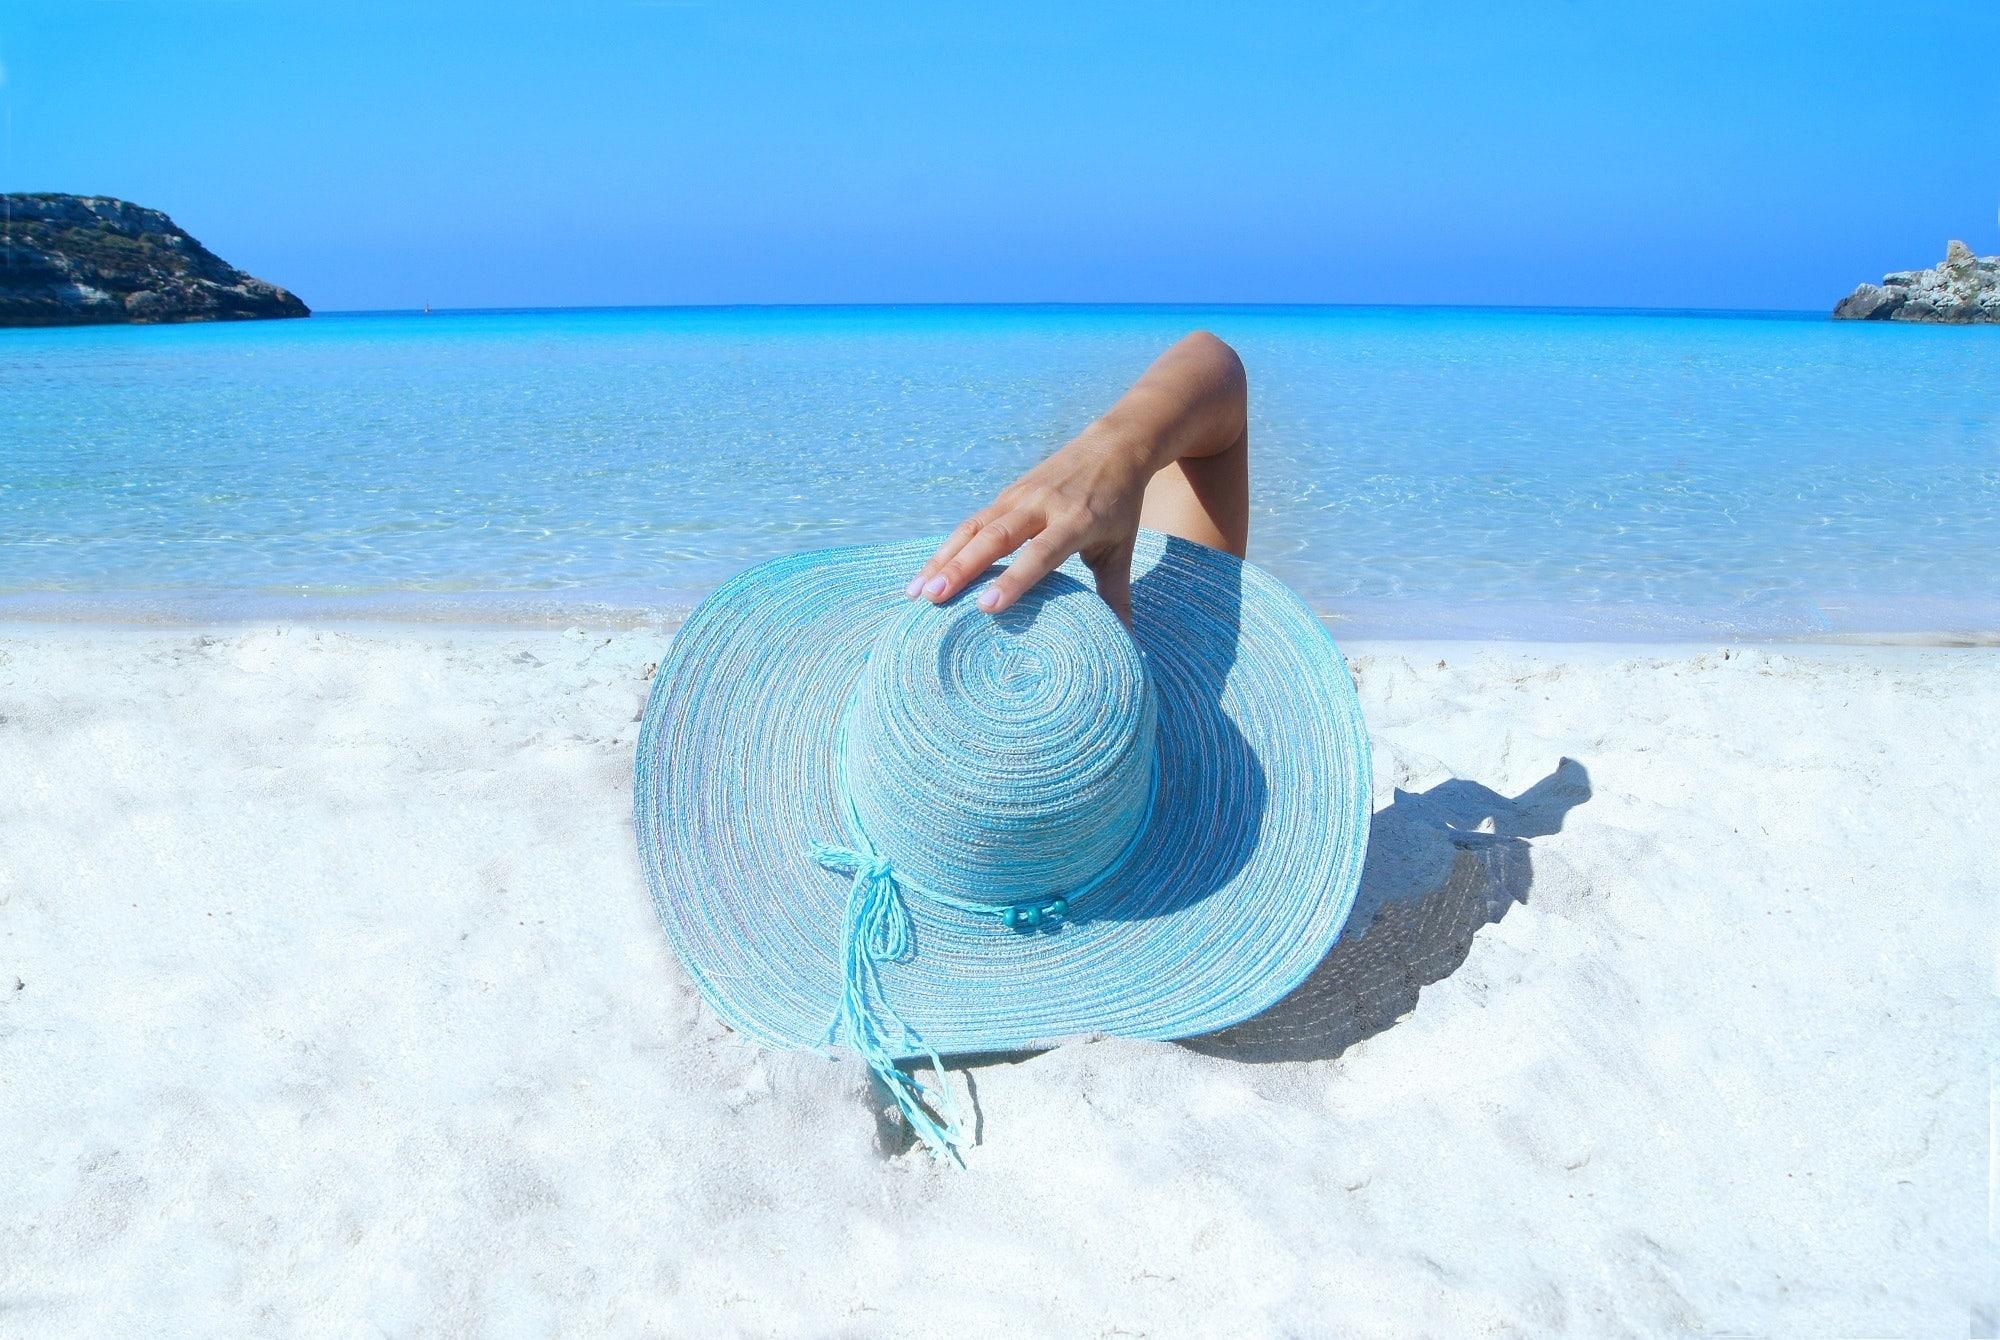 #SOMMERFERIEN #SOMMER #FERIEN #SONNENBRAND #SONNENSTICH #FIEBER #HALSSCHMERZEN #HAUSMITTEL #GESUNDHEIT // 8 Erste Hilfe Tipps im Urlaub bei Fieber, Sonnenstich, Sonnenbrand und Halsschmerzen: Egal, ob Sonnenstich durch Hitze oder Schmerzen durch die Klimaanlage:Was du tun kannst, wenn du im Sommer einen Sonnenstich bekommst, die Klimaanlage dich krank macht oder du morgens mit dicken Mandeln und Halsschmerzen auswachst, aber keine Medikamente dabei hast, wirst du in diesem Artikel erfahren.